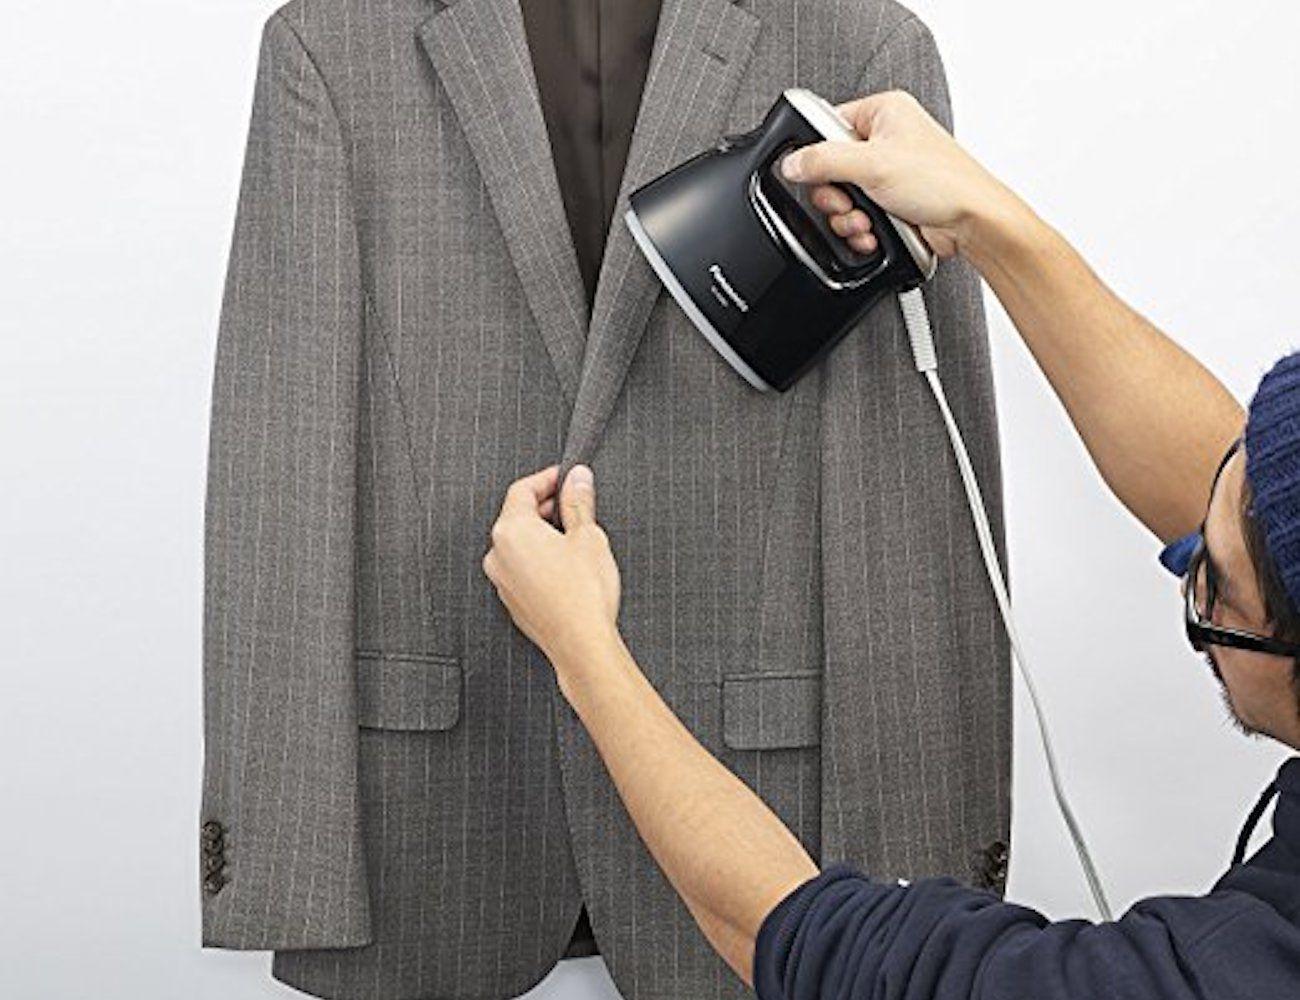 Panasonic Handheld Garment Steamer